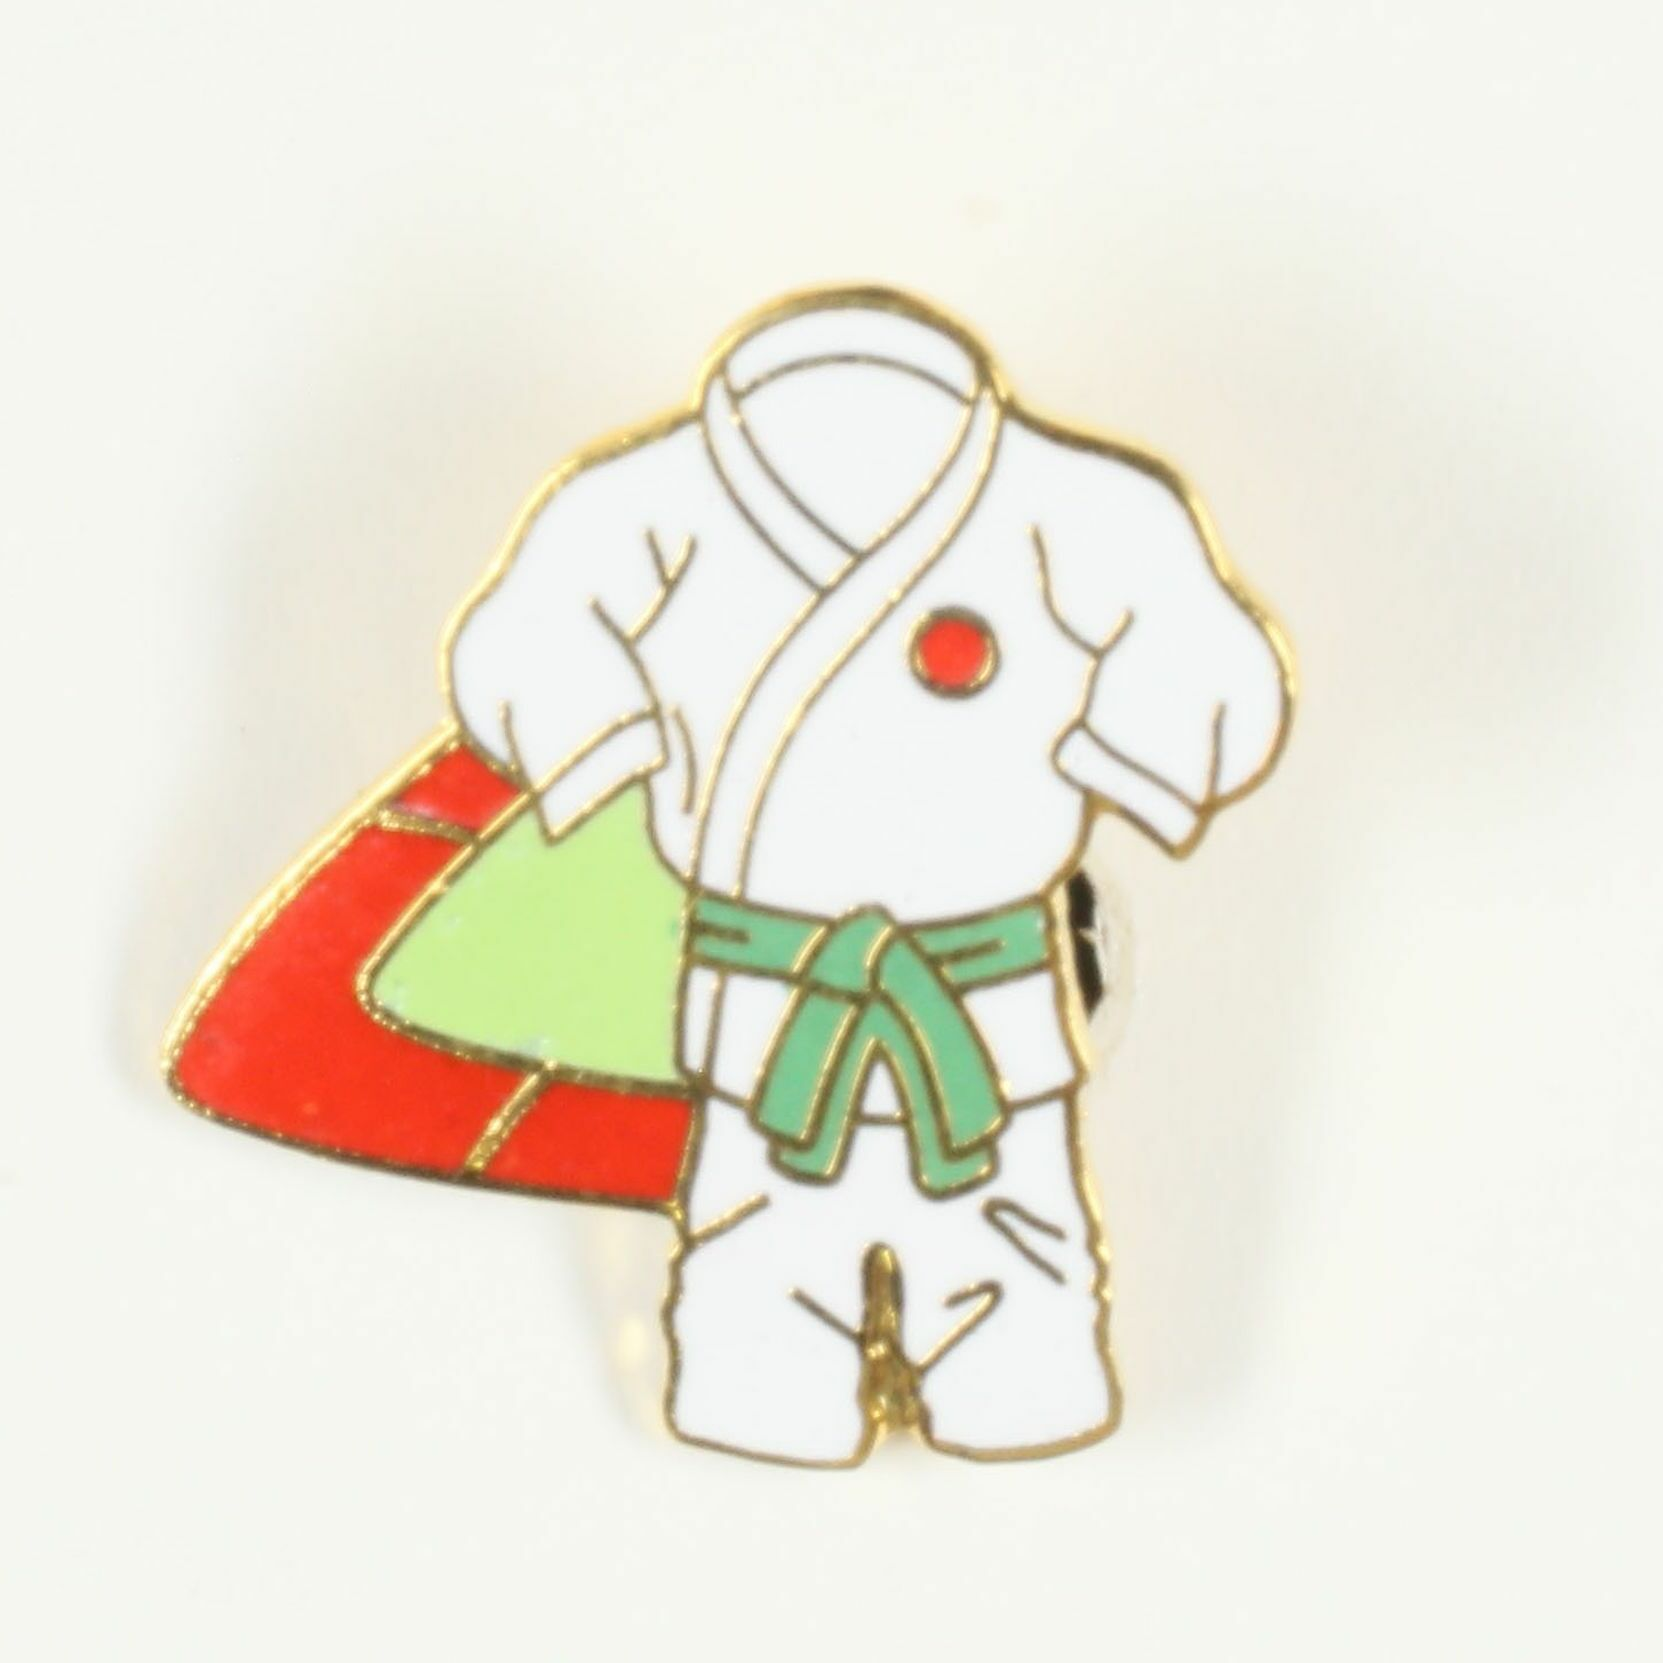 Kimono ceinture verte